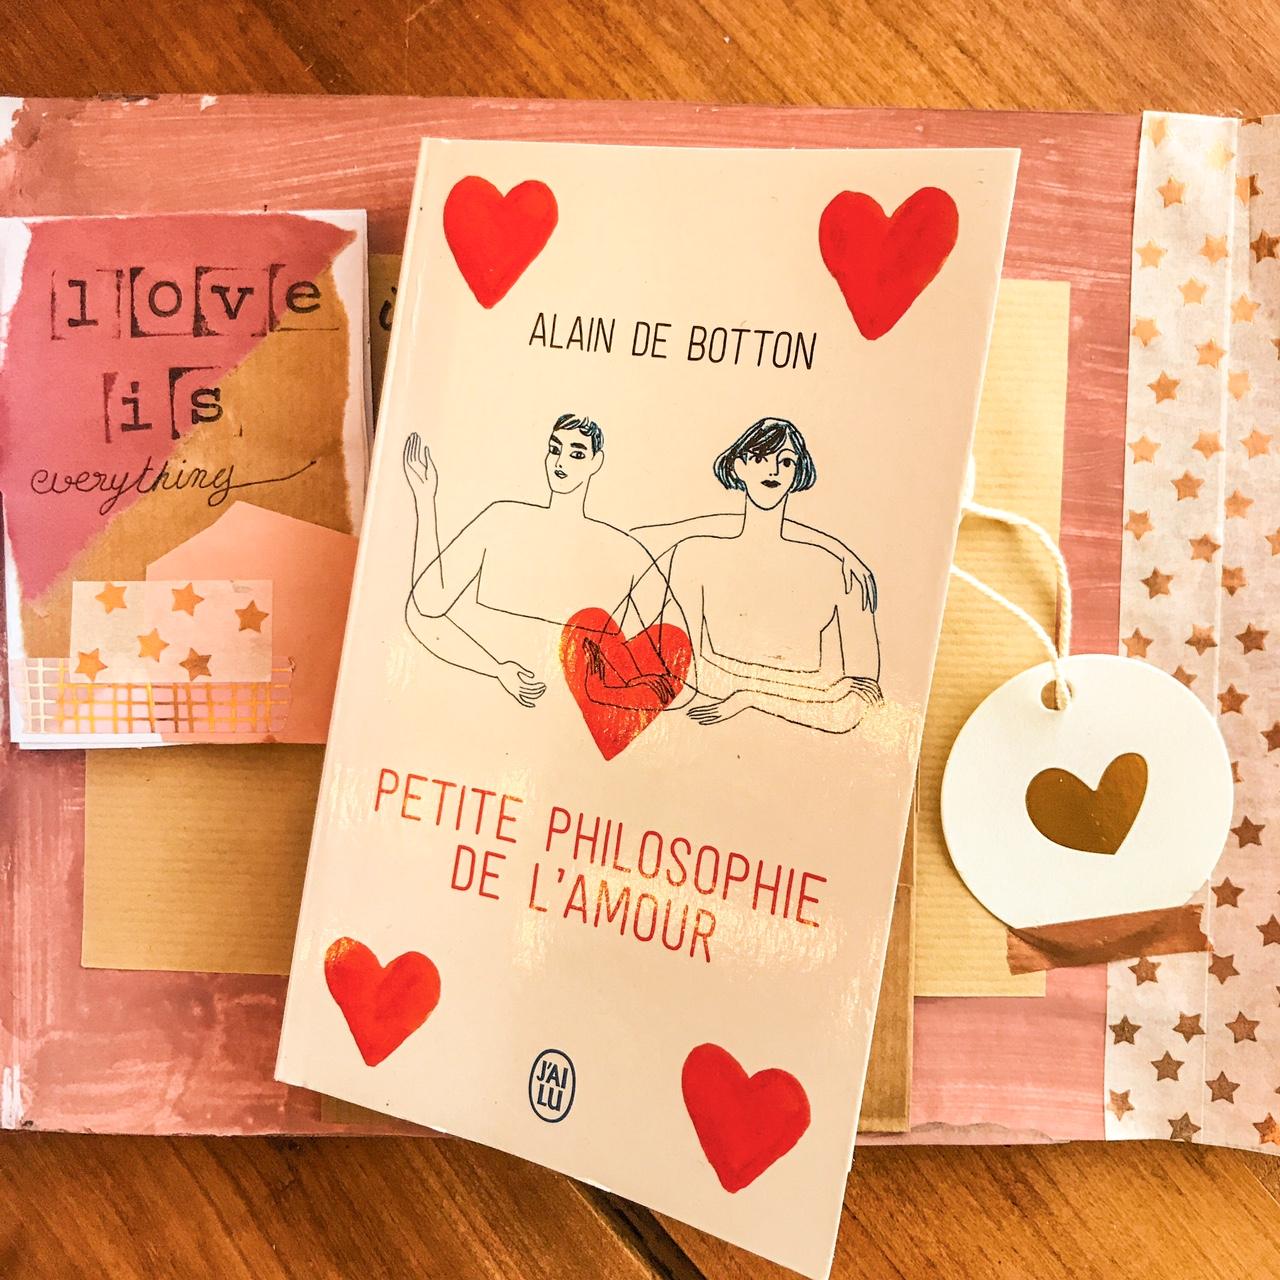 Petite philosophie de l'amour, d'Alain de Botton : cœur et pensée